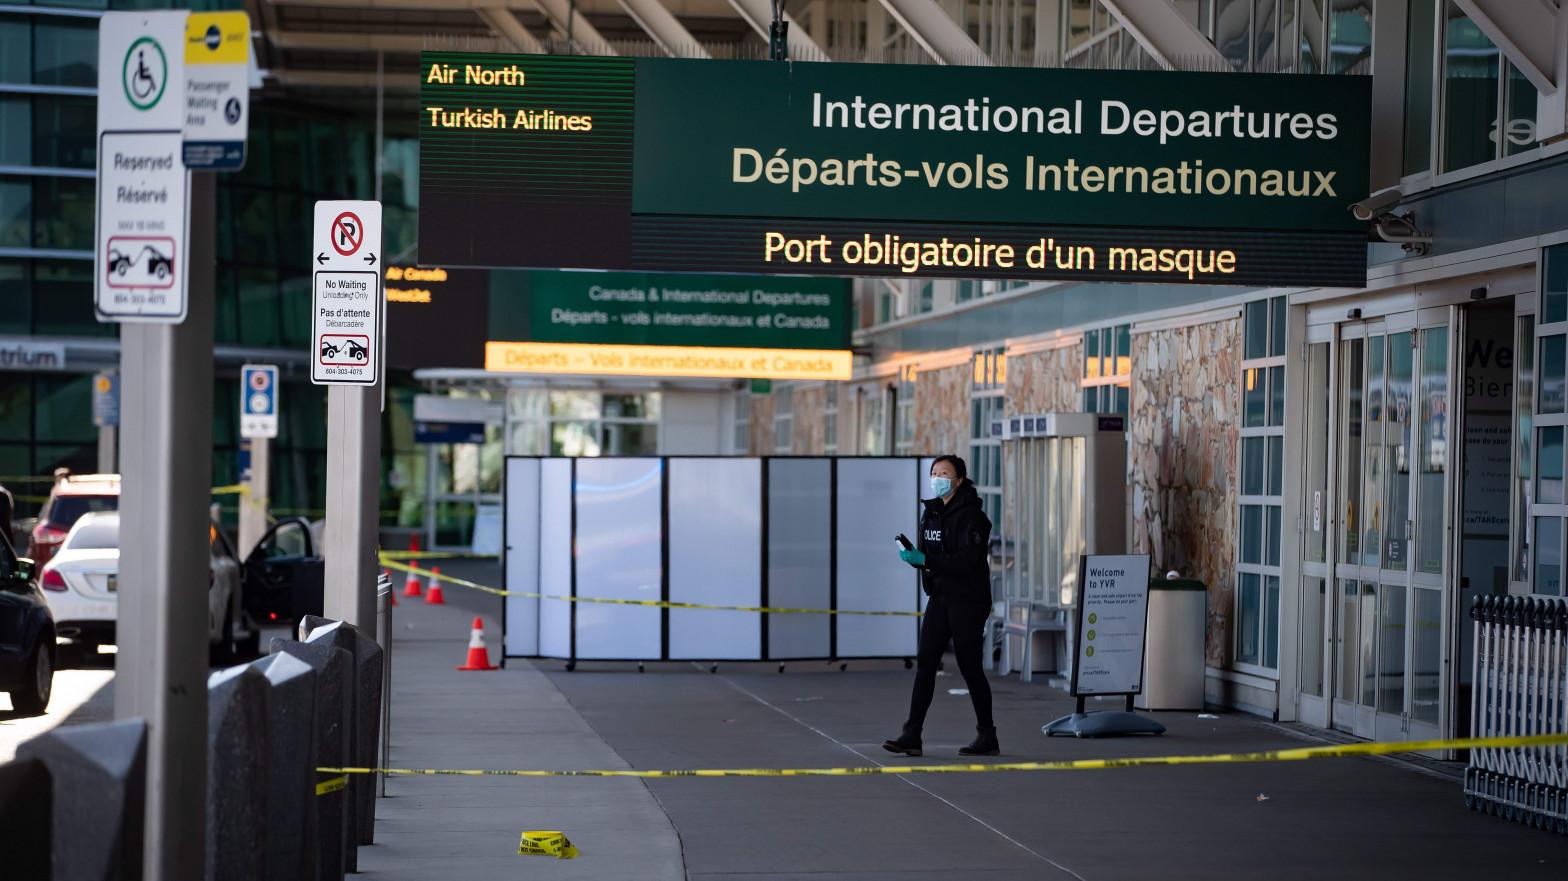 Un muerto tras un tiroteo en el aeropuerto de Vancouver (Canadá)